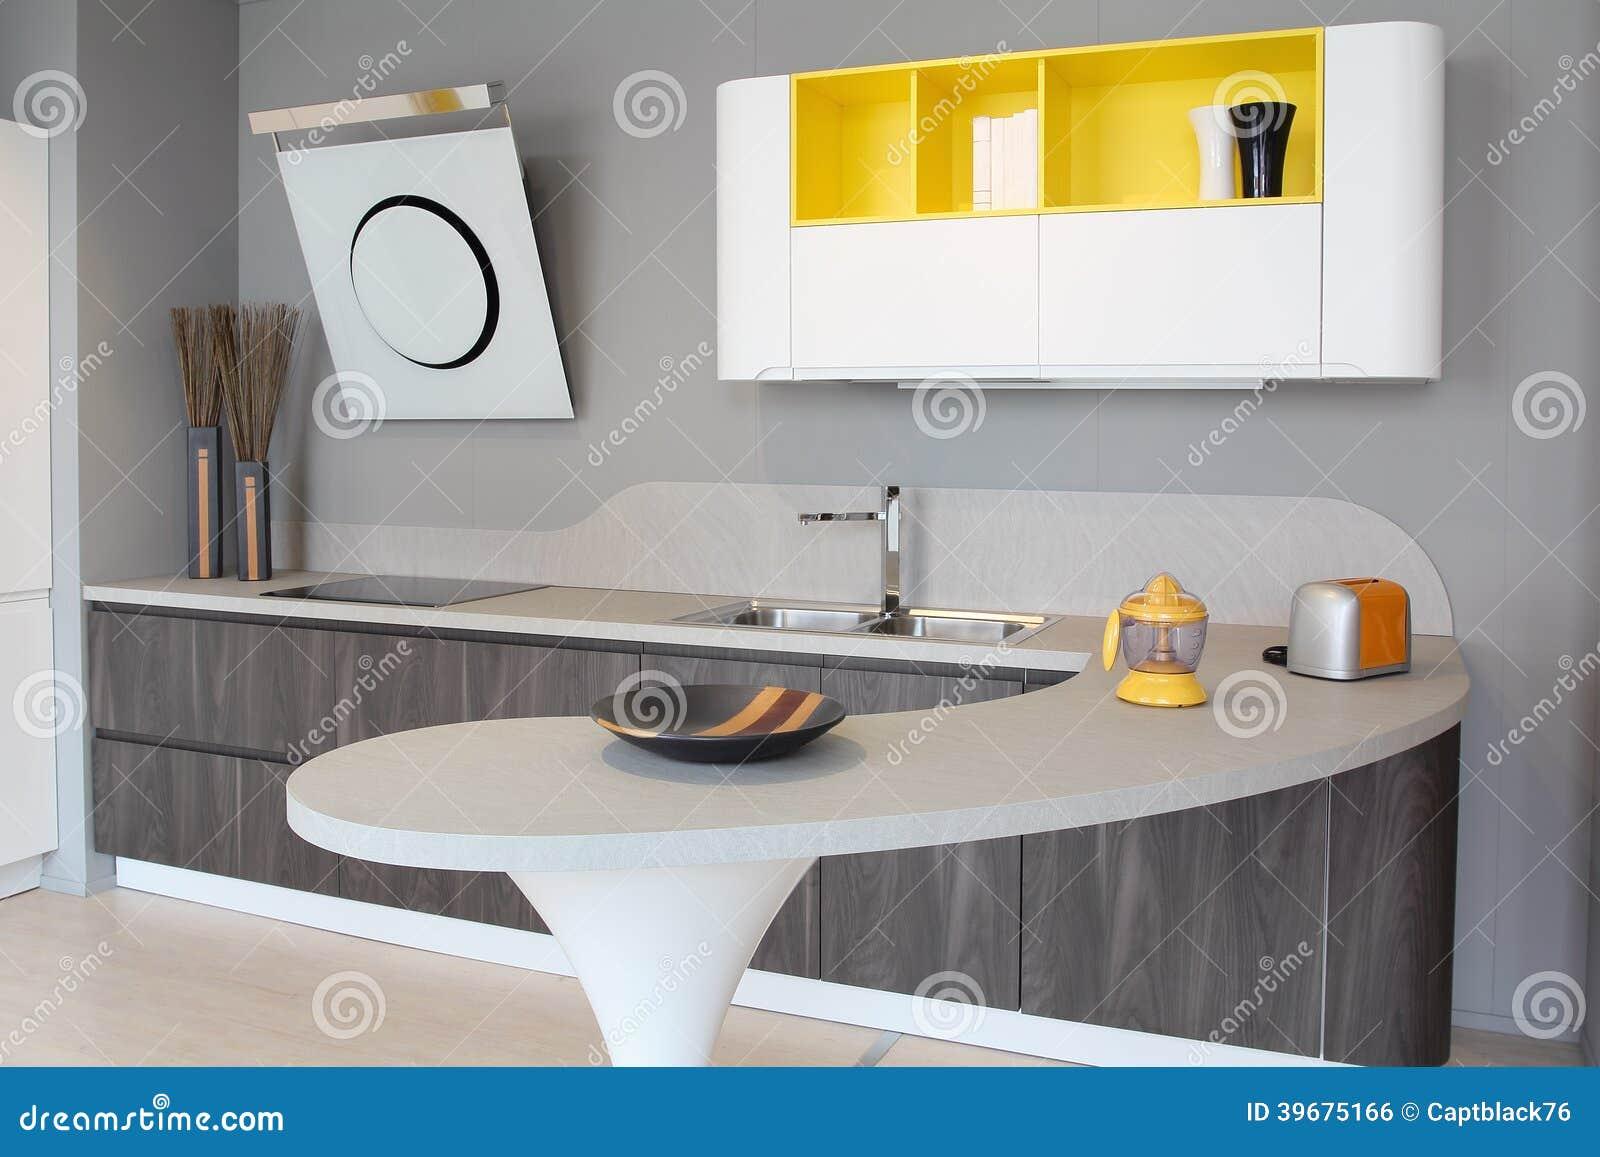 Moderne küche weiß und gelb stockfoto   bild: 39675166